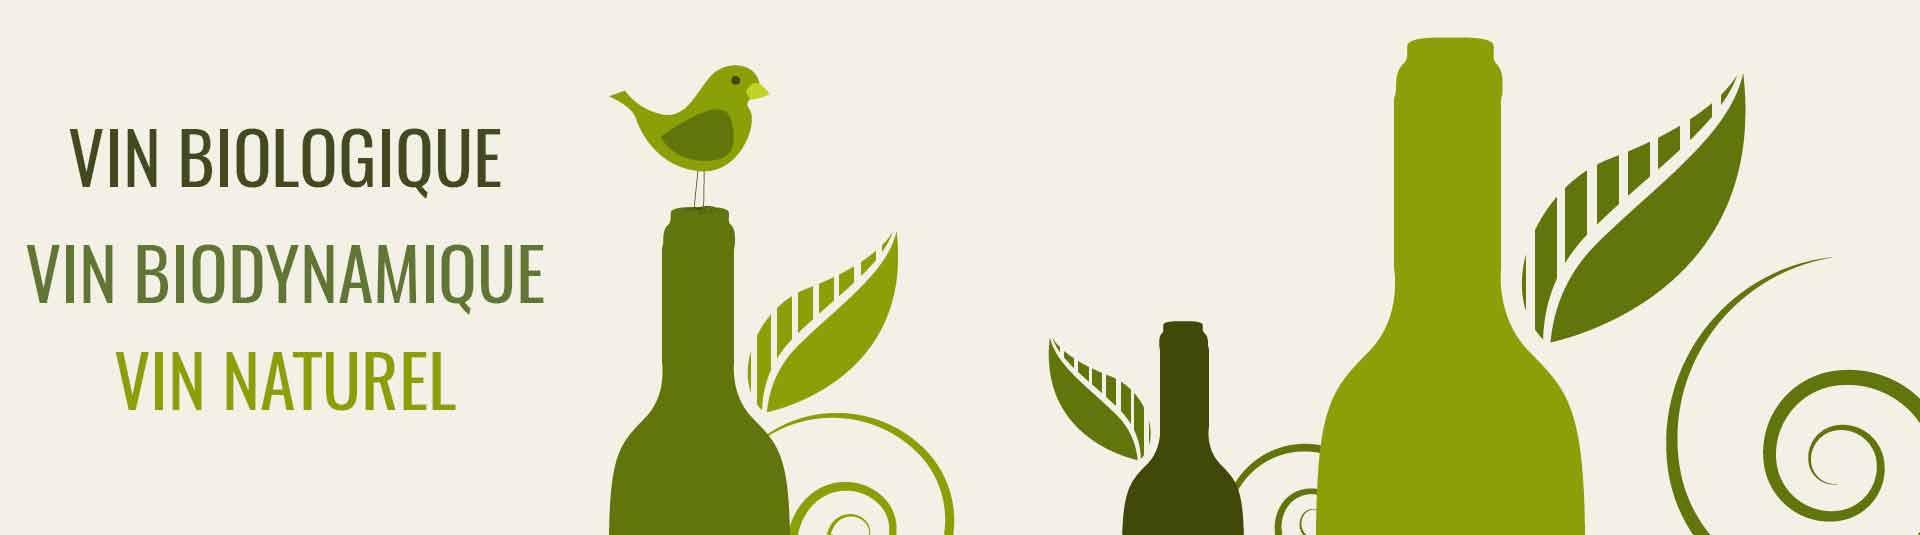 Vin biologique, vin biodynamique, vin naturel par La Bouteille Dorée